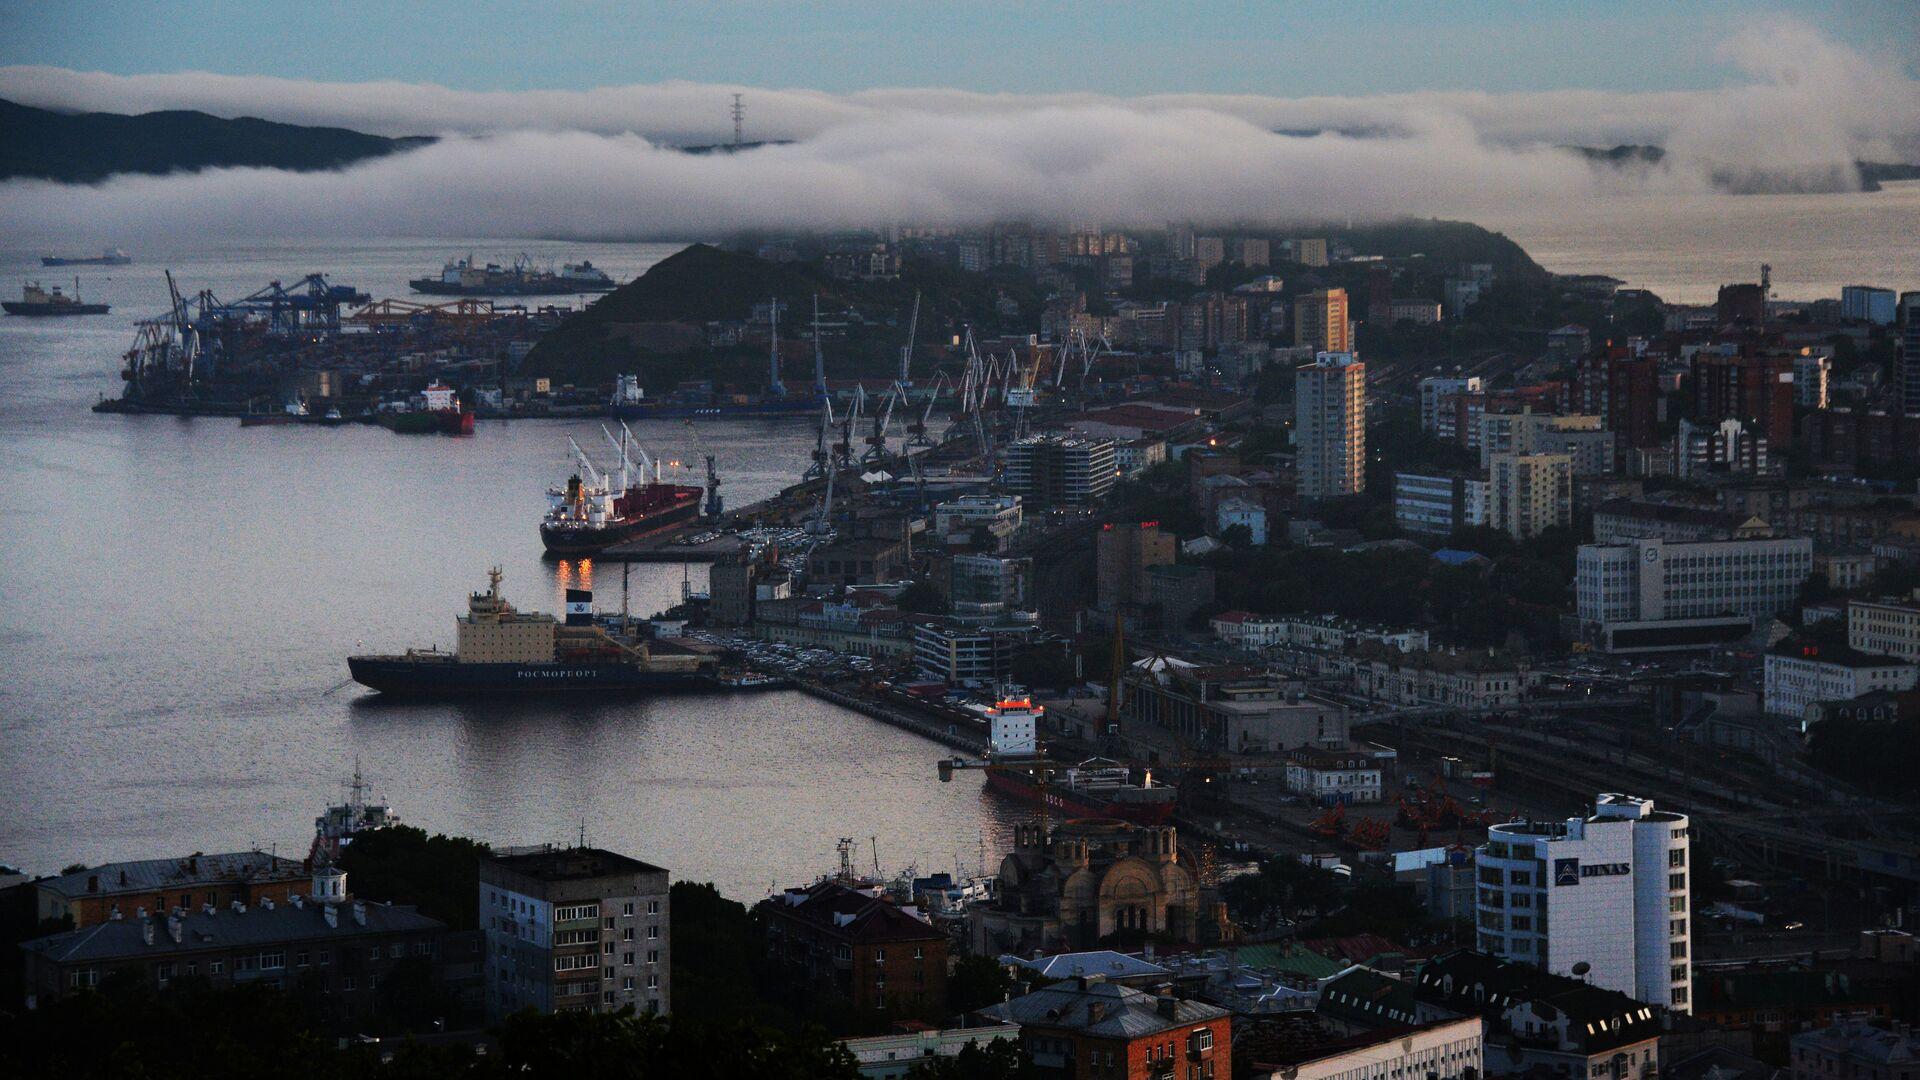 Вид на центр города вечером с сопки Орлиное гнездо во Владивостоке - РИА Новости, 1920, 03.06.2021